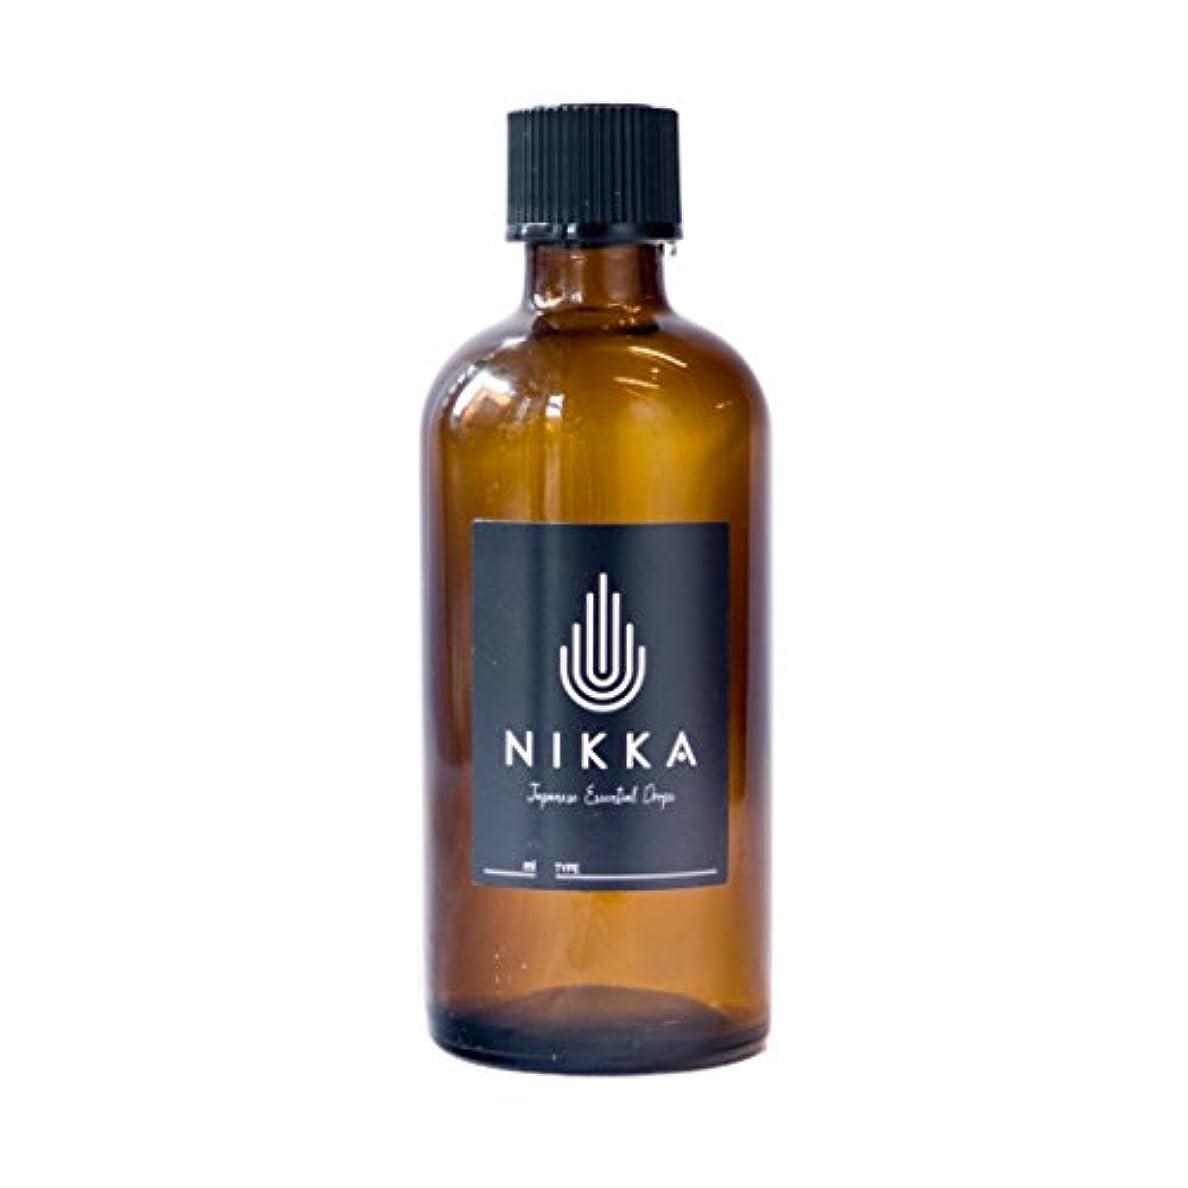 発見非効率的な妻NIKKA エッセンシャルオイル 杉 100ml